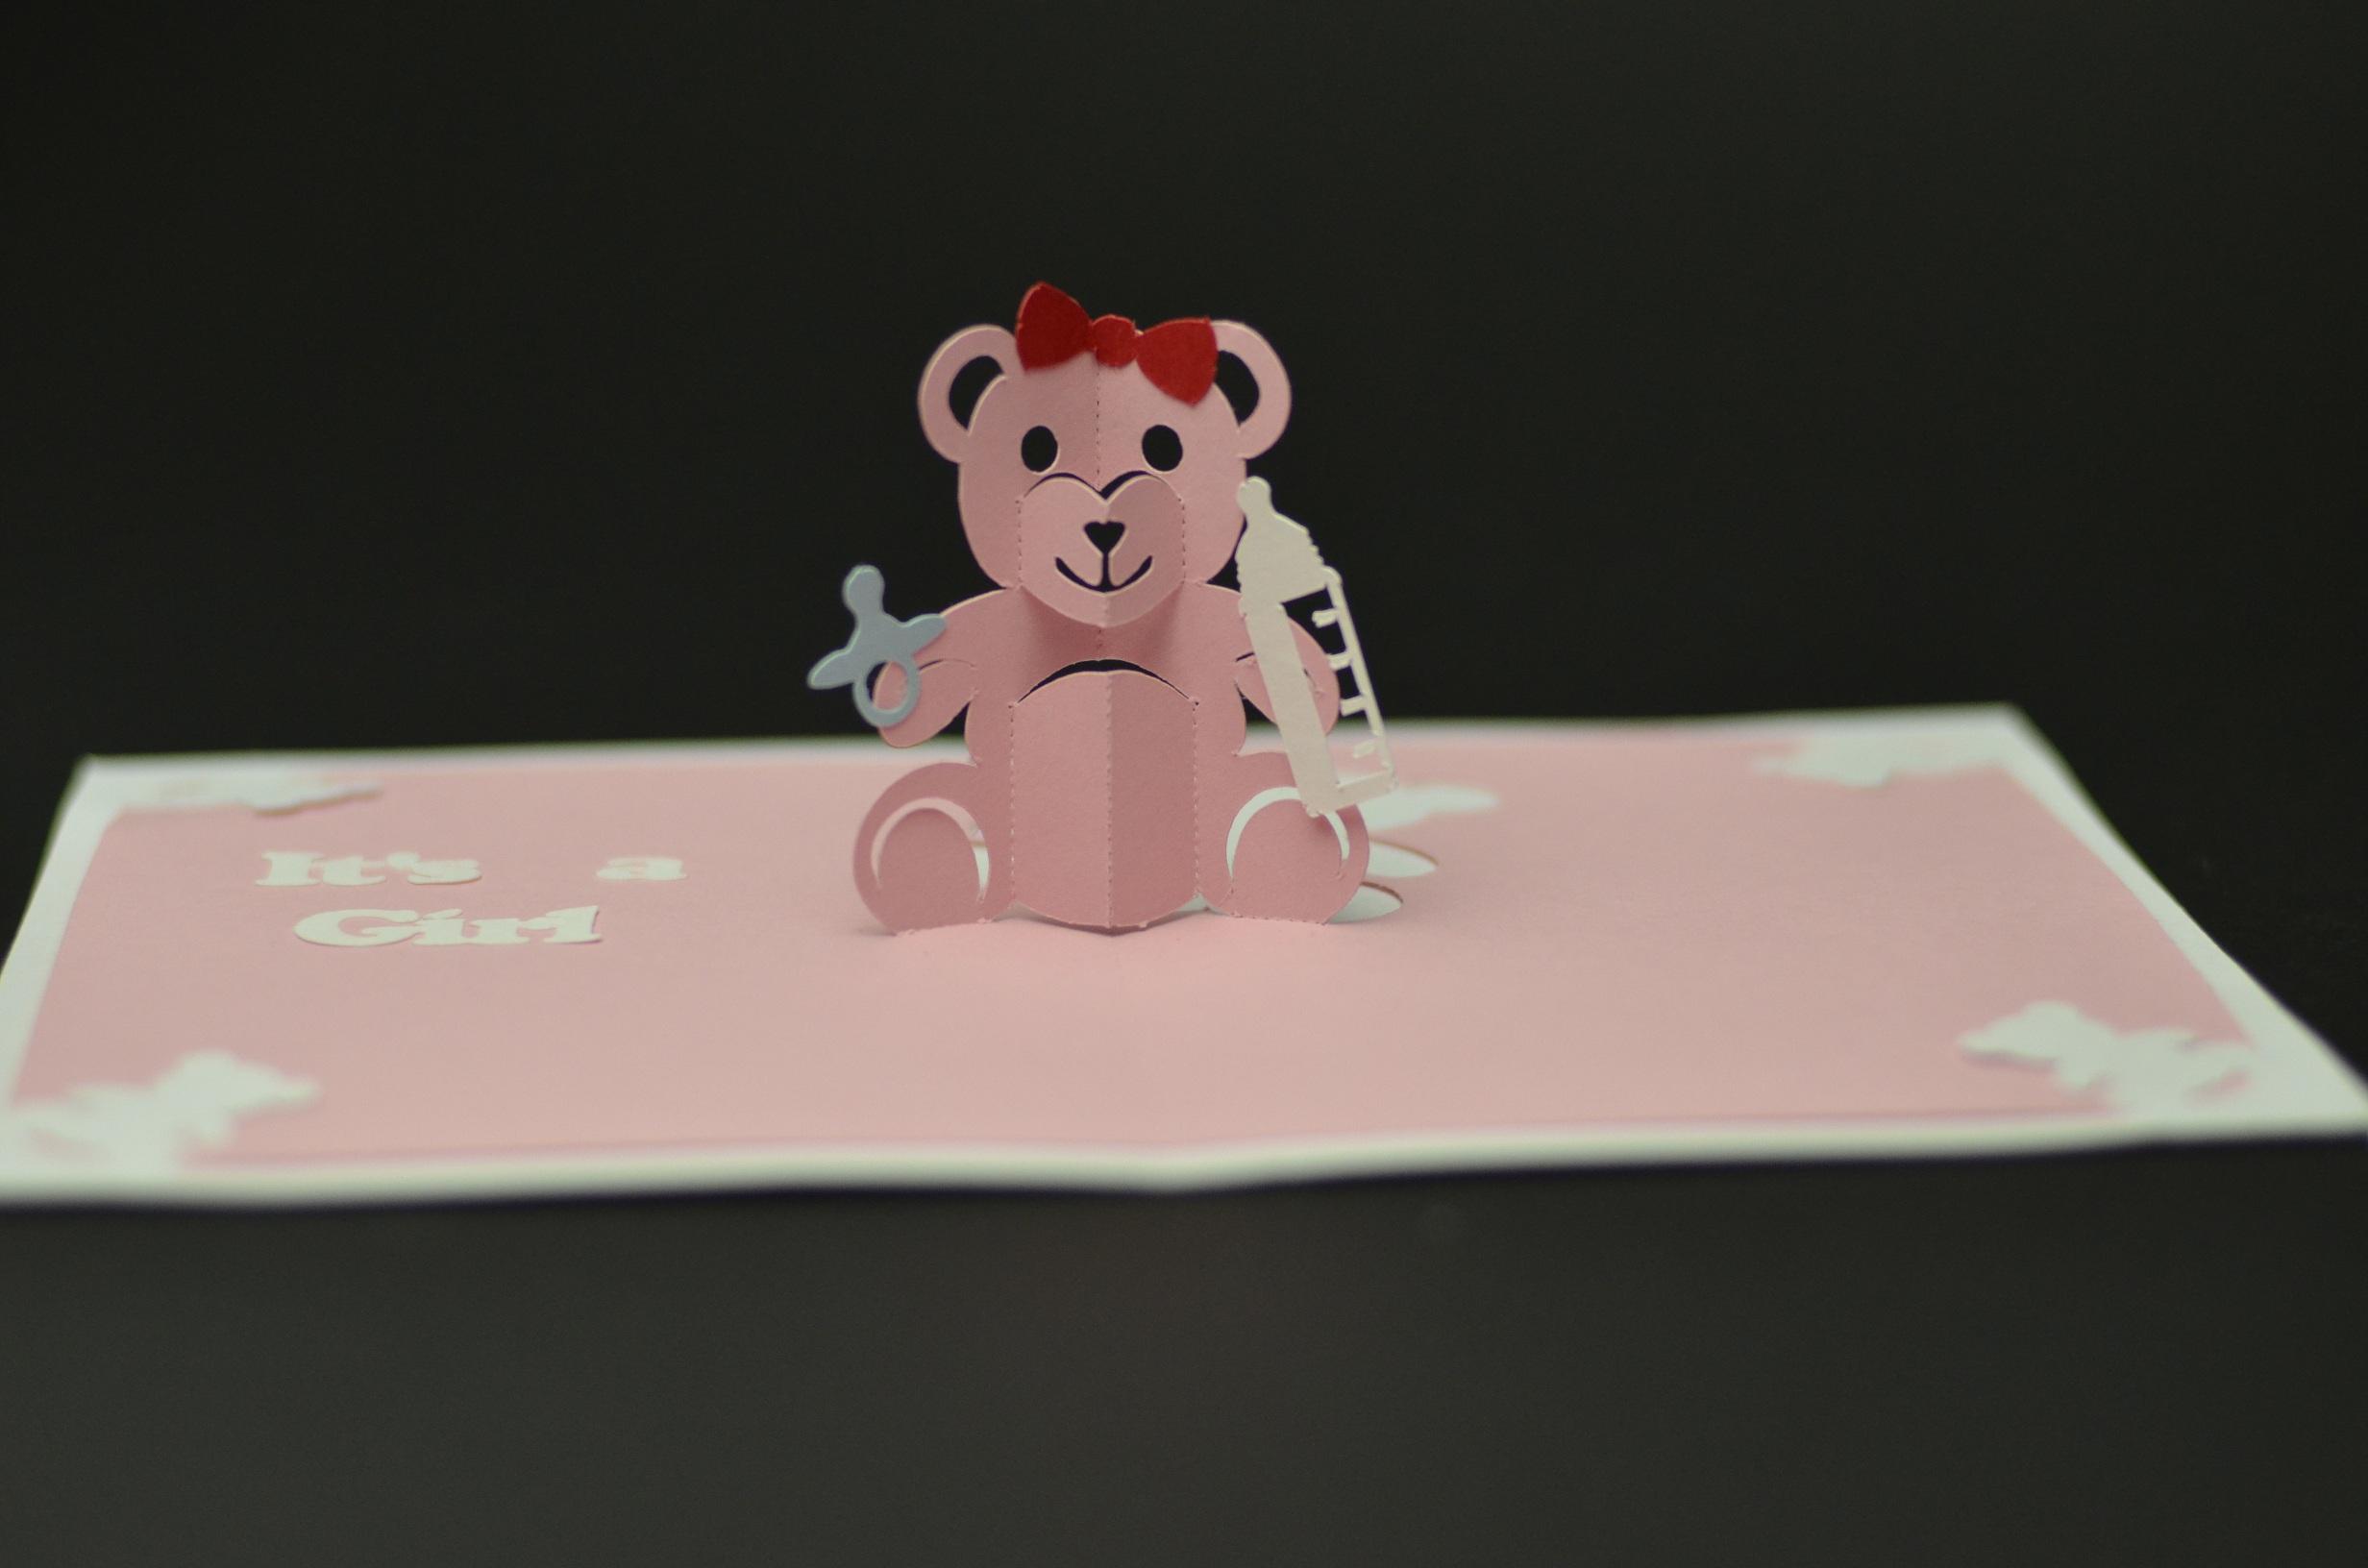 Teddy Bear Pop Up Card Template